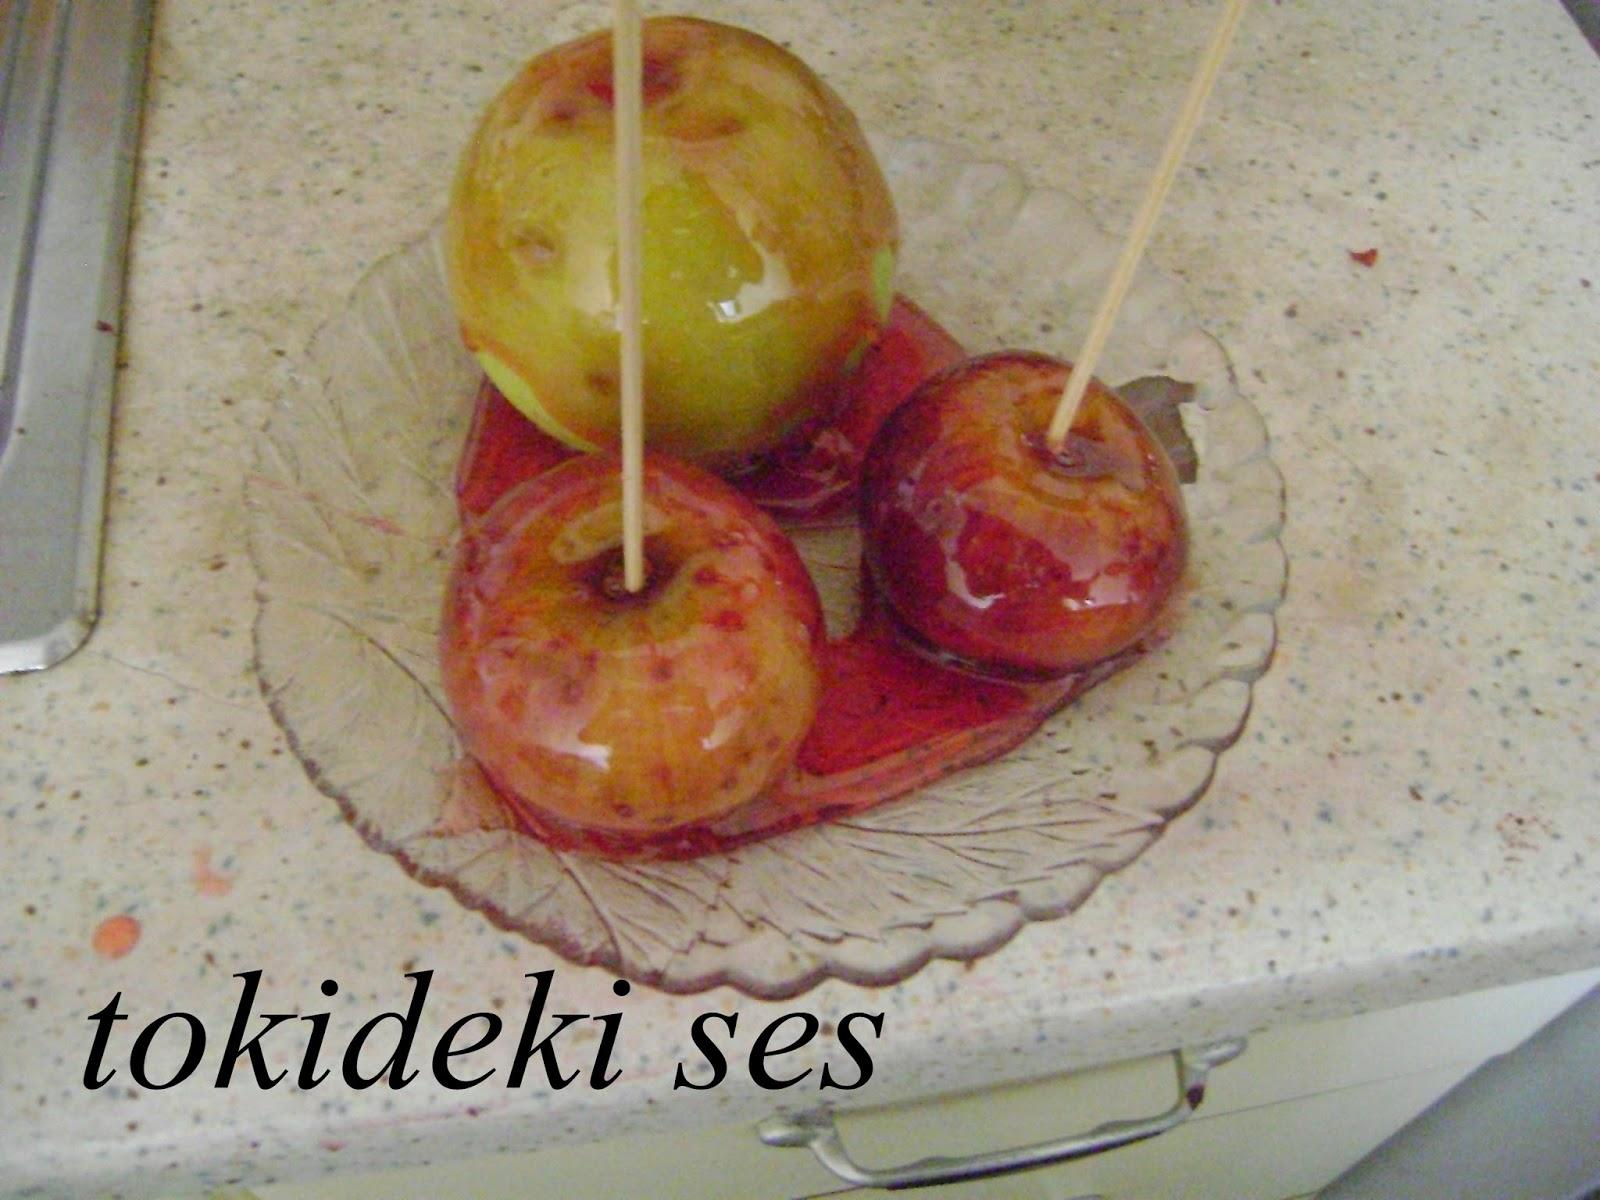 ELMA ŞEKERİ YAPTIM, çocuklarım, tarifler, elma şekeri, tokideki sesin mutfağından, TOKİDEKİ SESİN EVİNDEN, lezzetli tarifler, EĞLENCELİ TARİFLER, YEMEK,